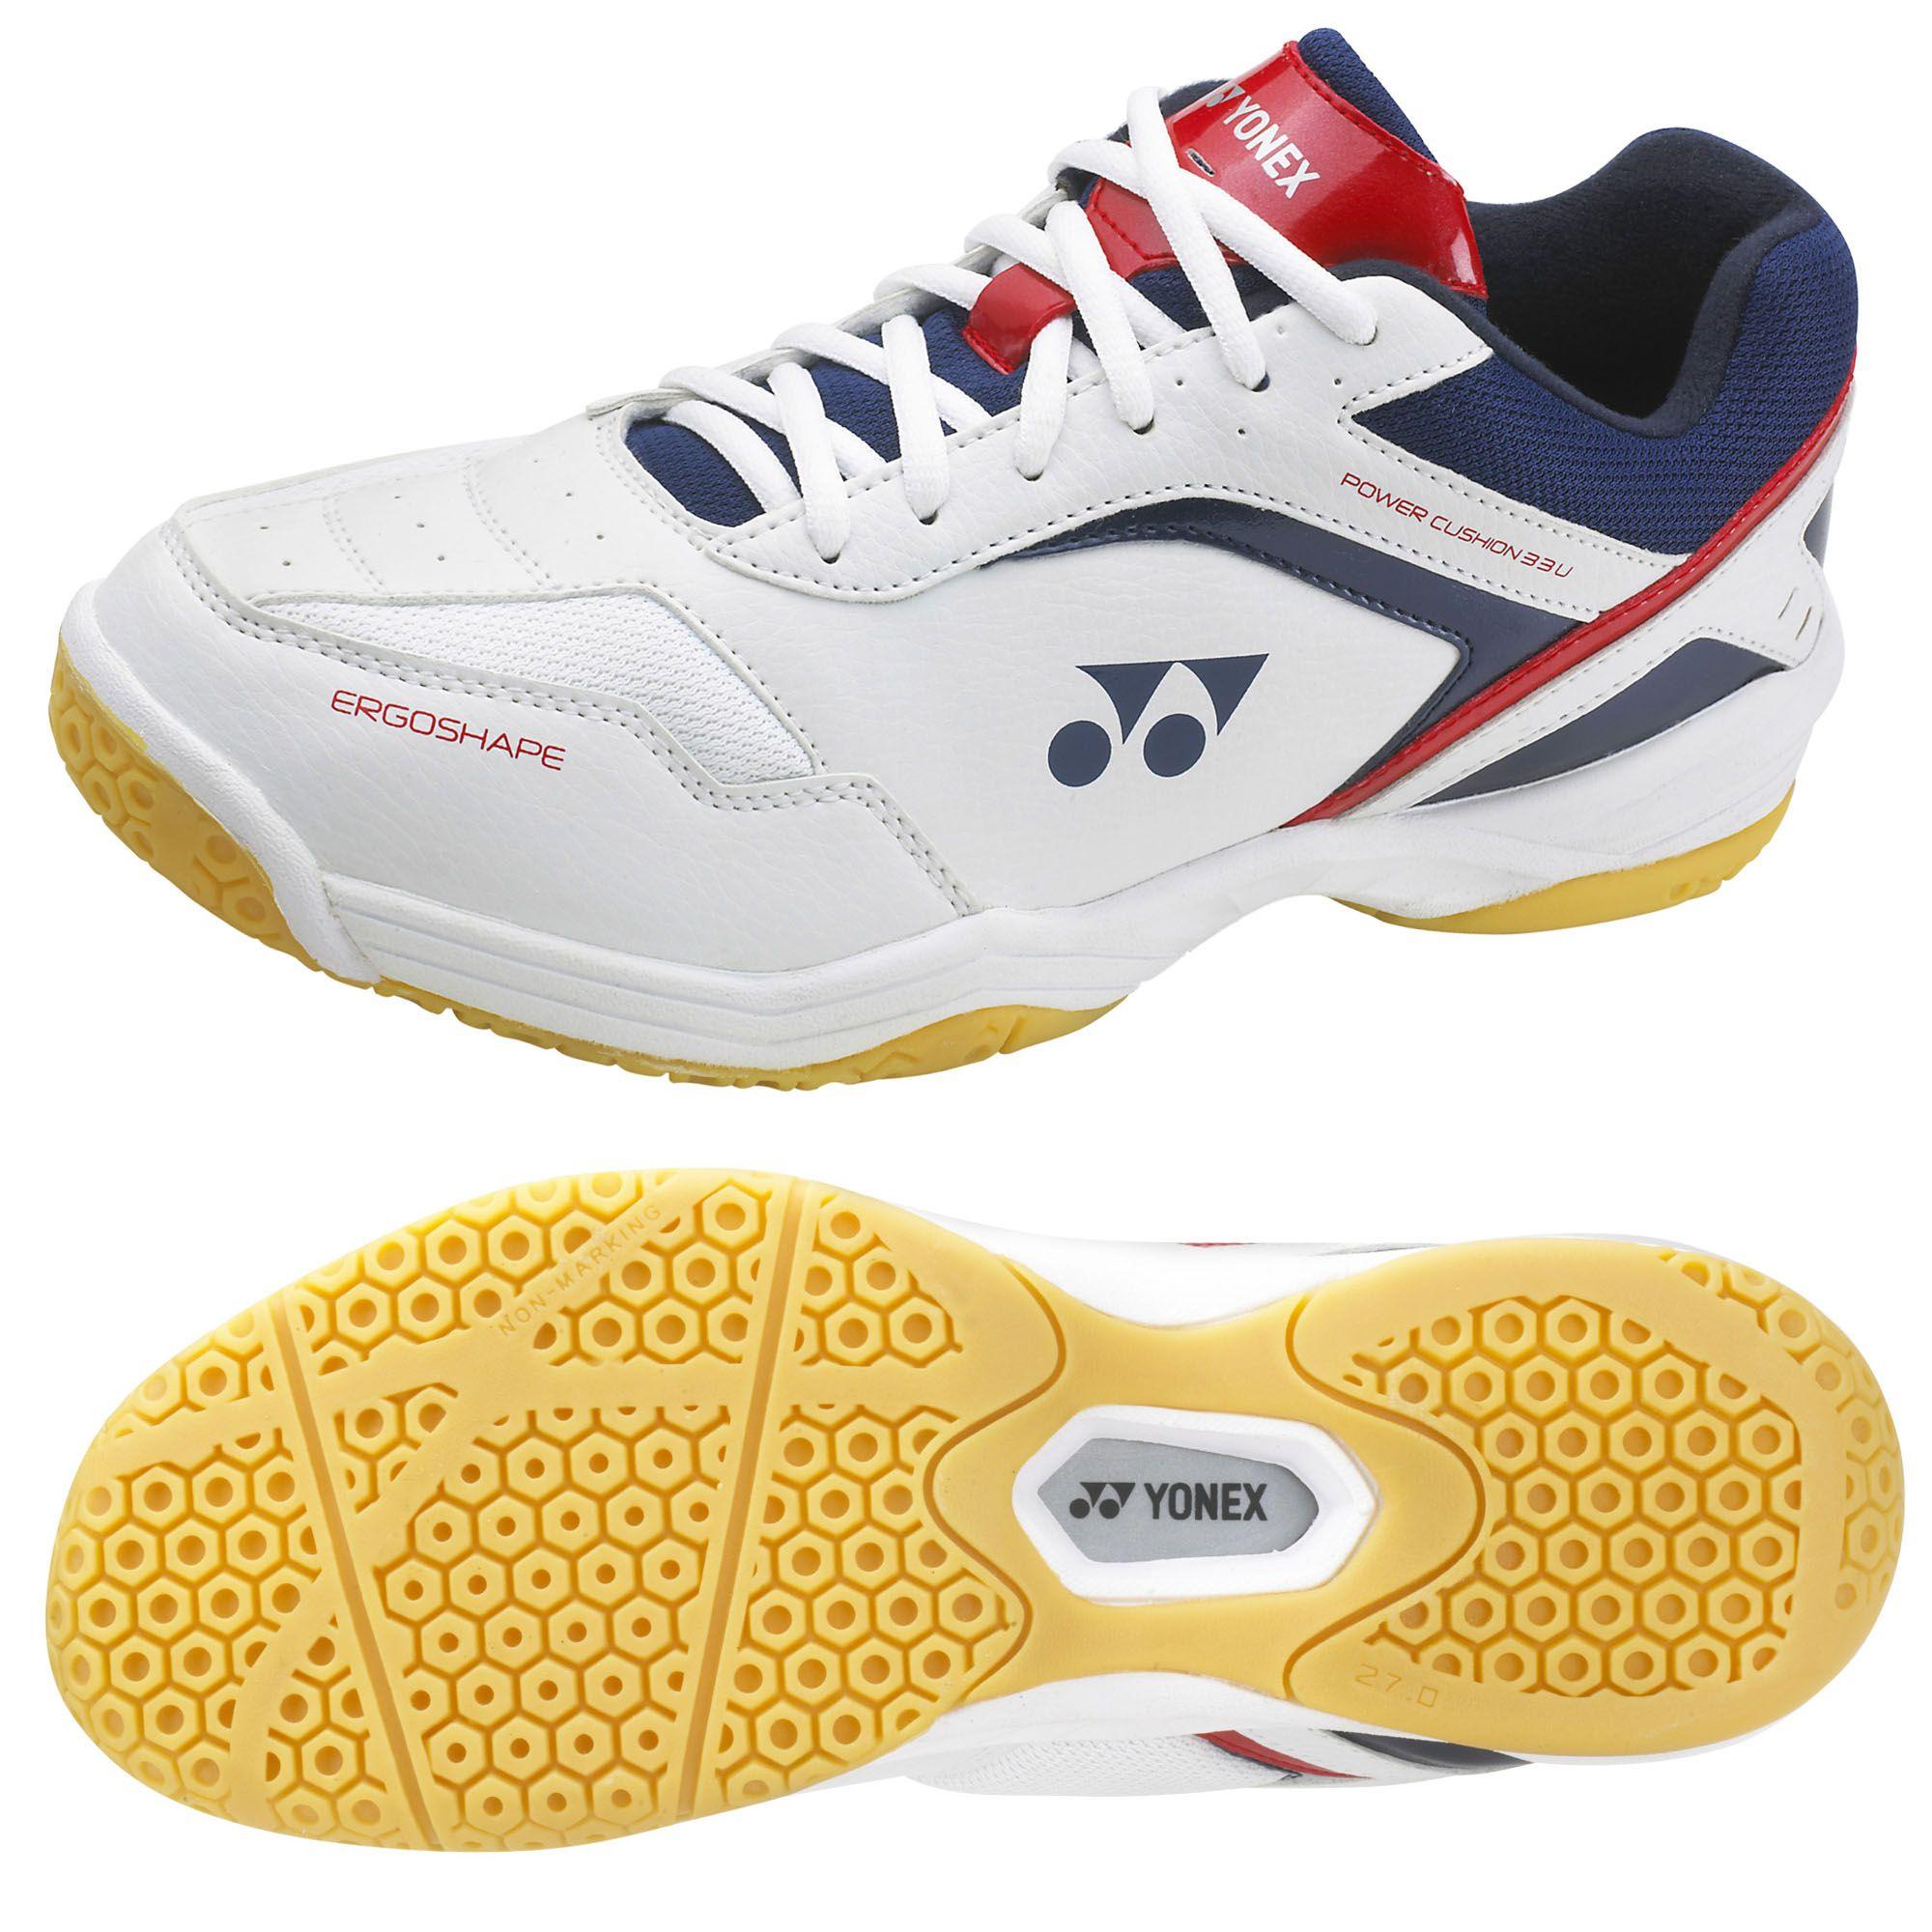 Yonex Shb 33ex Mens Badminton Shoes Sweatband Com